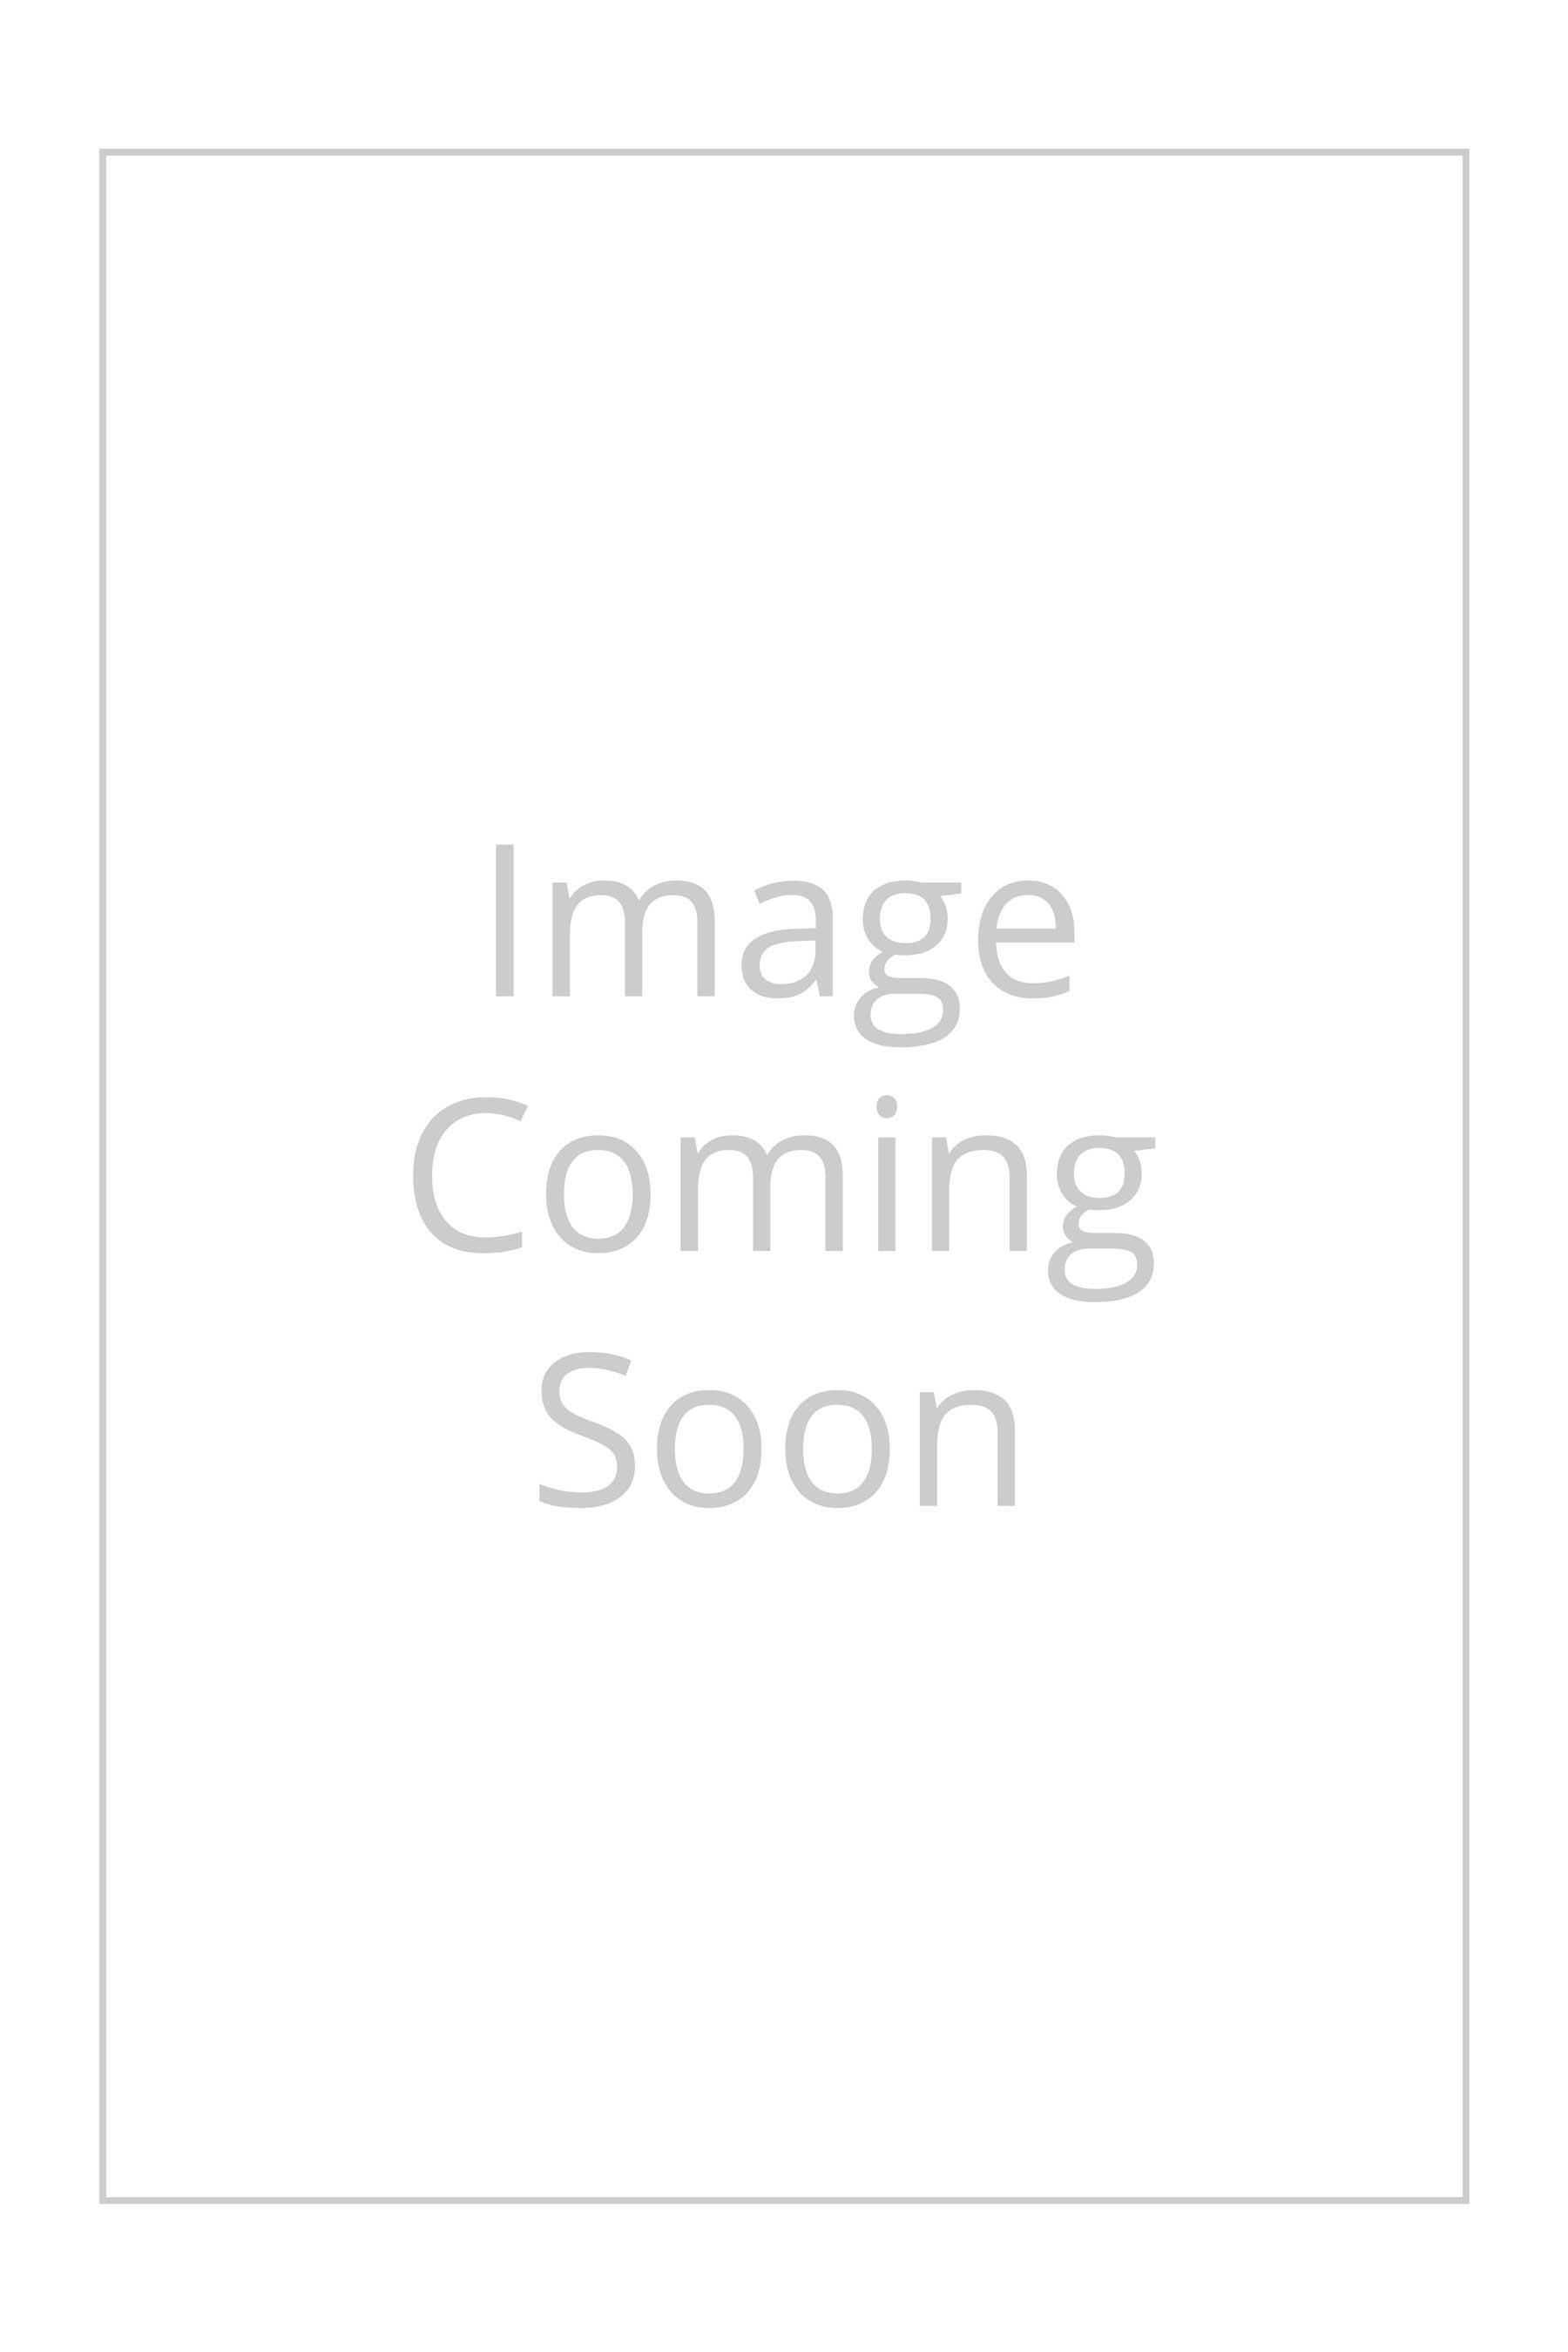 Jil Sander Light Weight Wool Shirtdress in Navy Blue